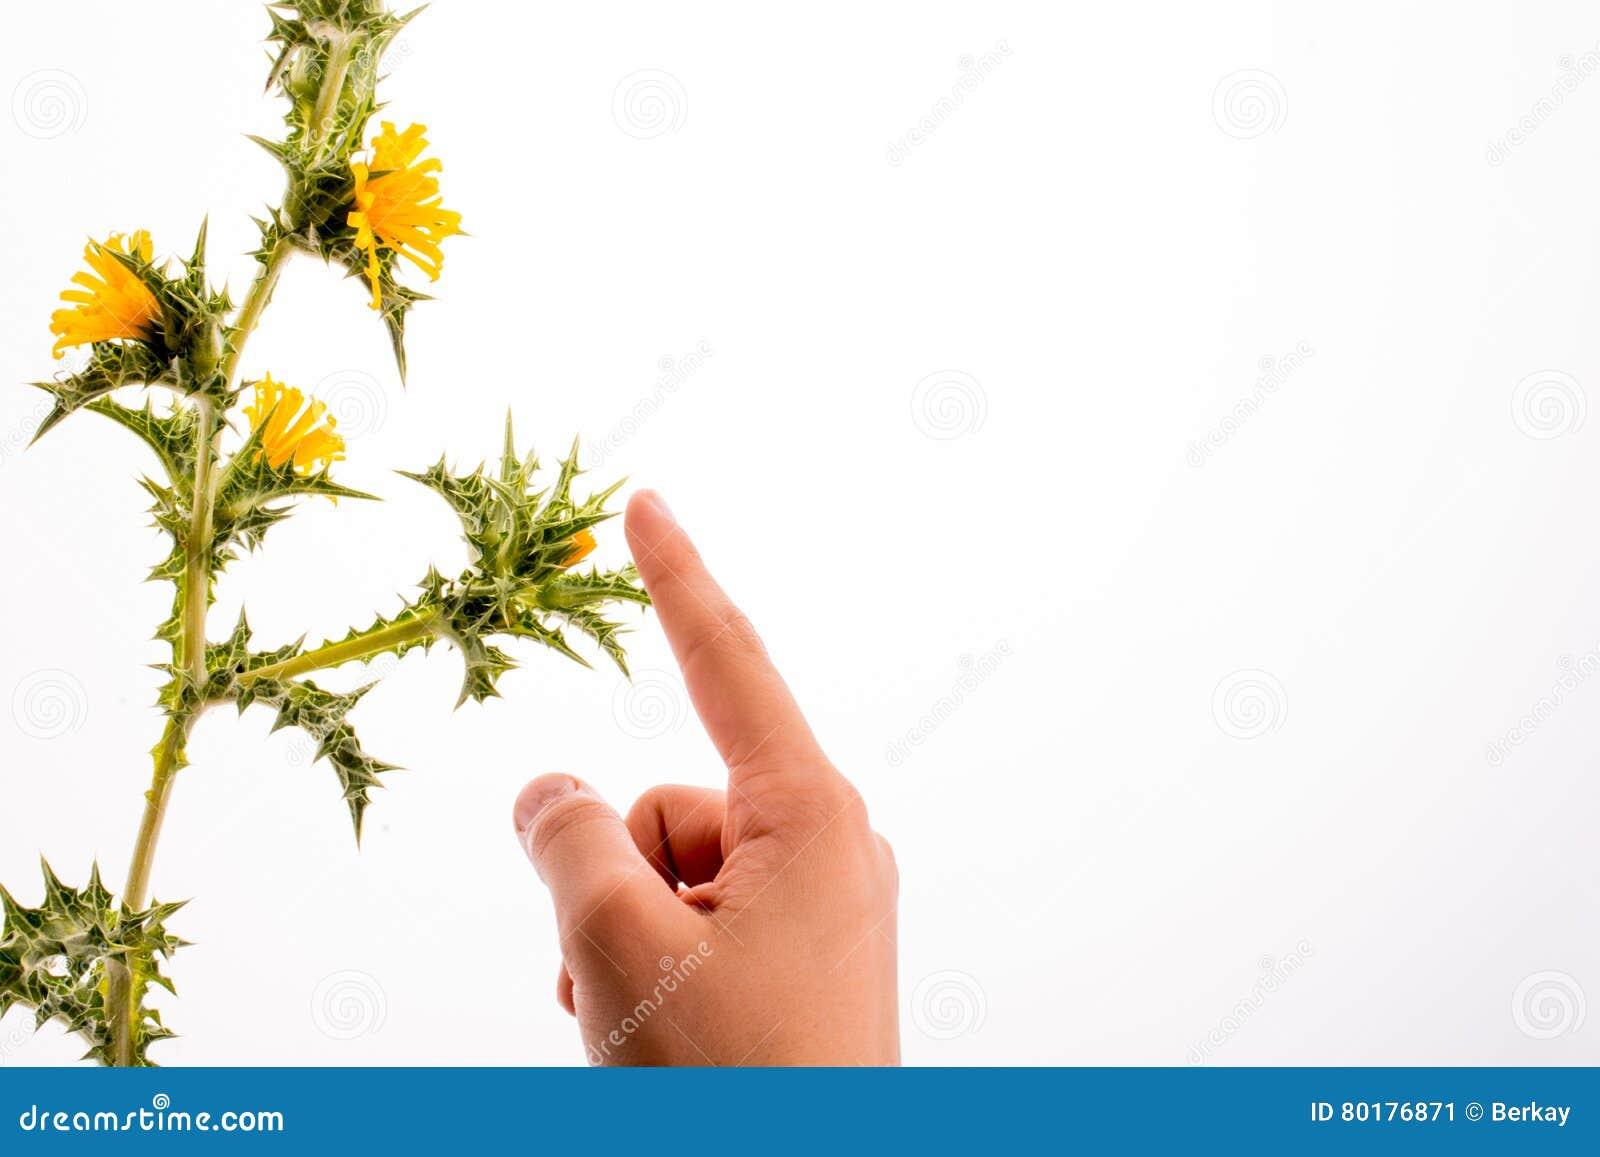 Παραδώστε την αφή με λουλούδια